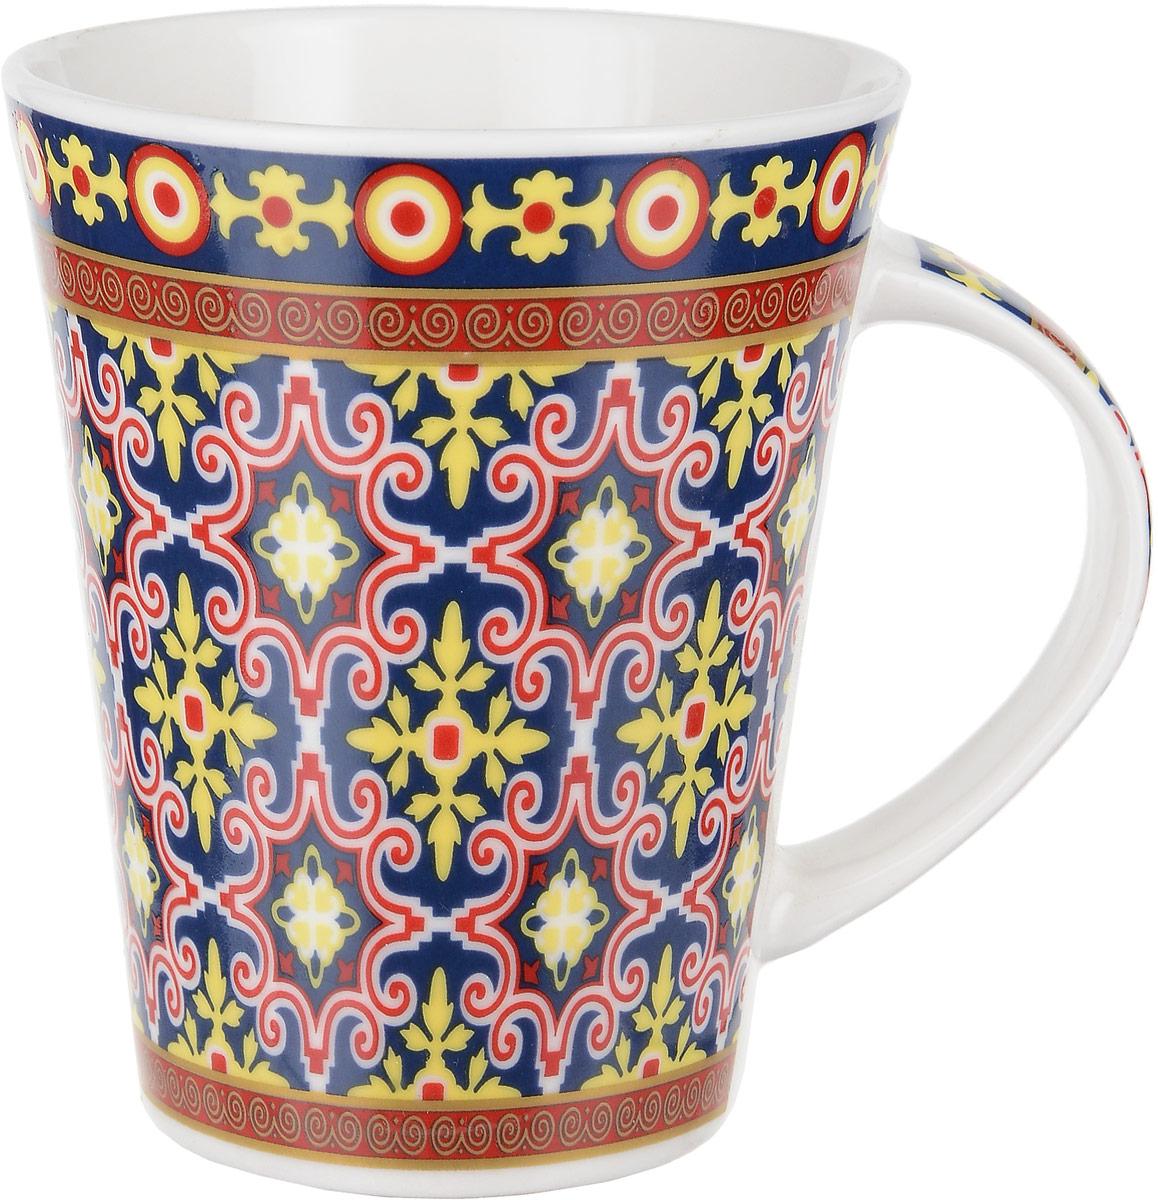 """Кружка Ningbo Royal """"Бухара"""" выполнена из фарфора высшего качества.  Такая кружка не только порадует своей практичностью, но  и станет приятным сувениром для ваших близких. А  оригинальное оформление кружки добавит ярких эмоций."""